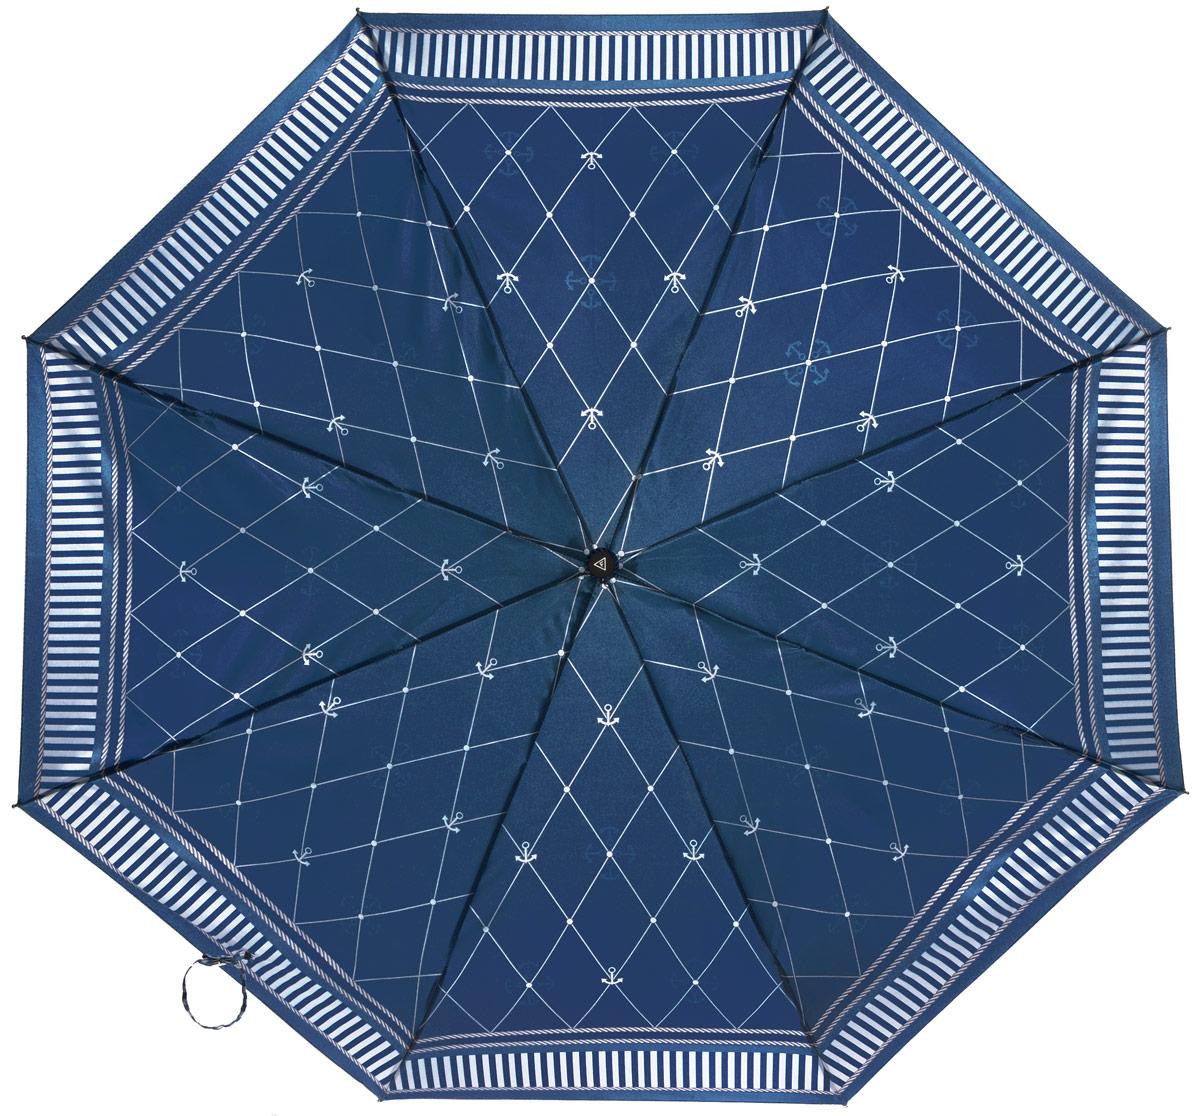 Зонт женский Fabretti, автомат, 3 сложения, цвет: синий. L-16104-22L-16104-22Зонт женский Fabretti, облегченный суперавтомат, 3 сложения